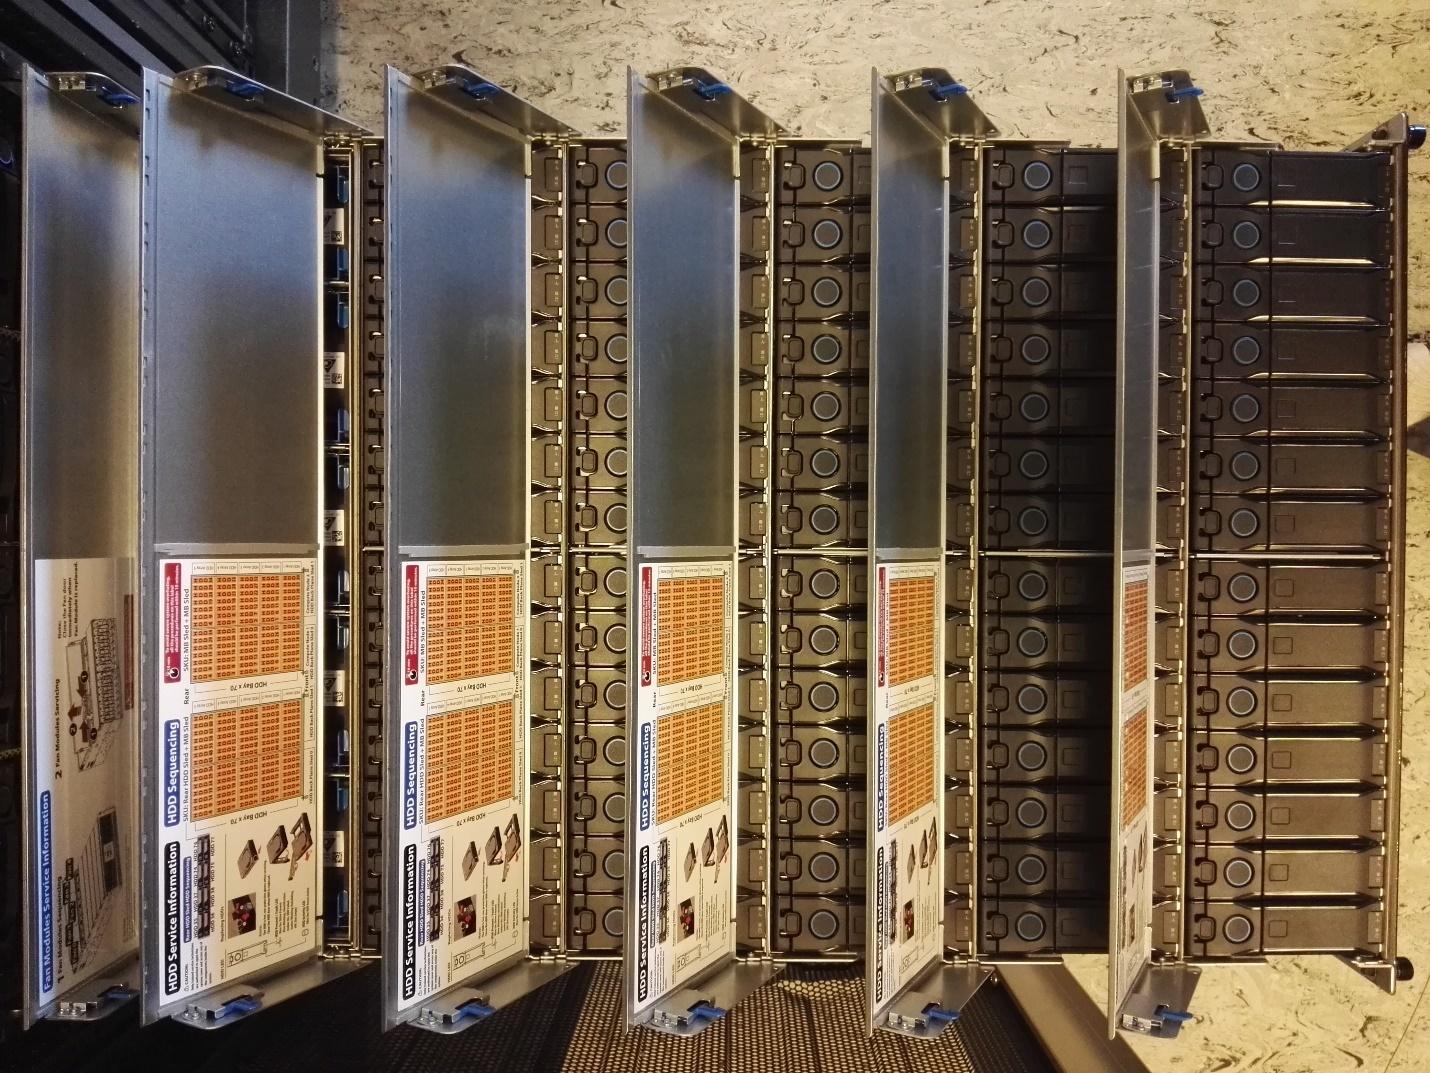 Обзор серверов Quantа: интересные решения, blade-корзины размером со стойку, ульи микросерверов и HPC-фермы - 14